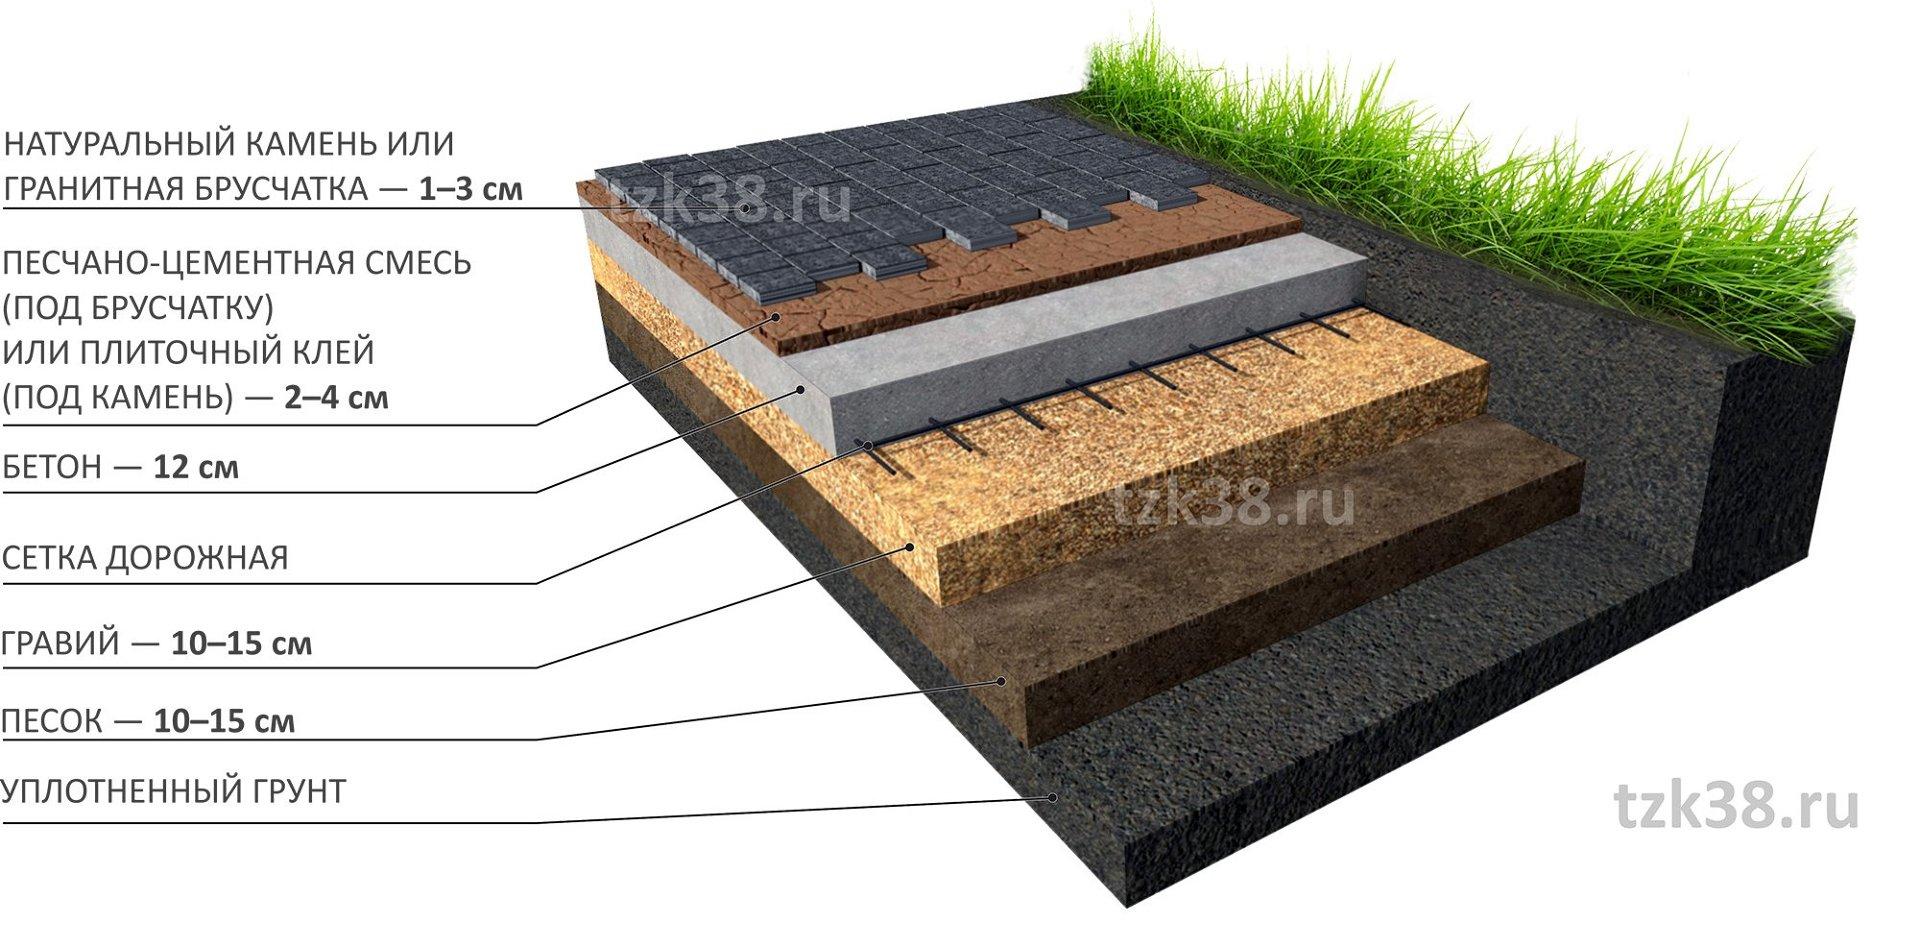 Укладка камня на бетонное основание